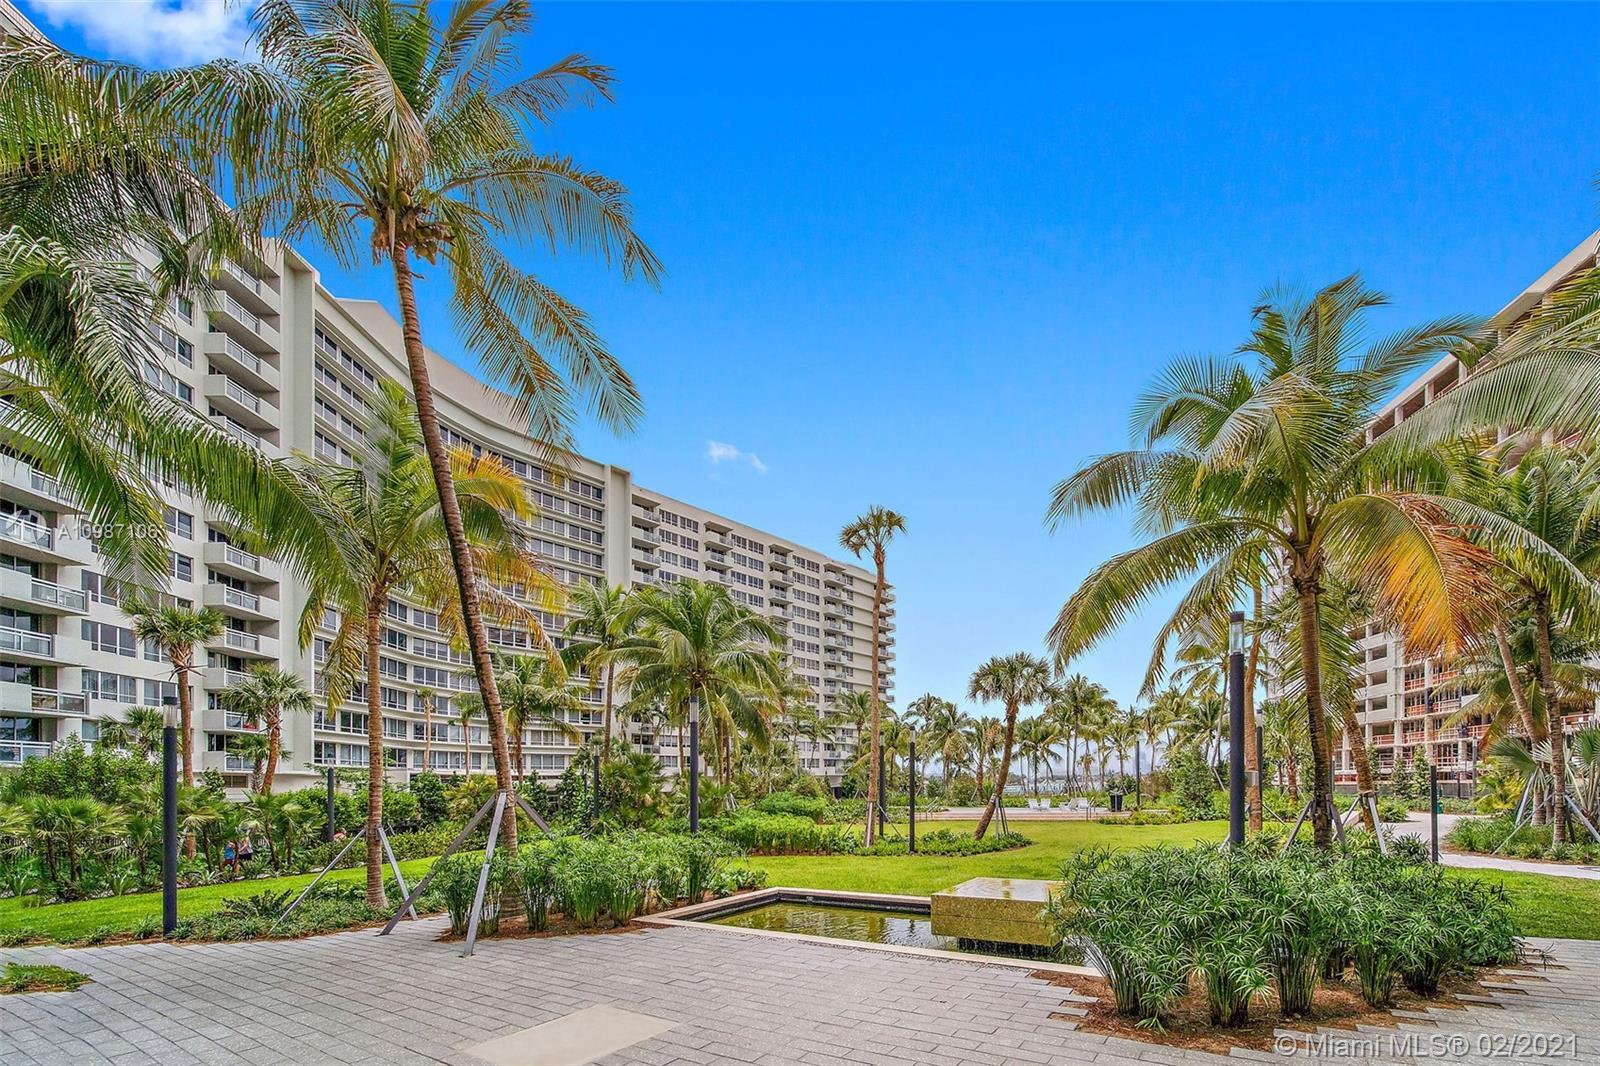 Flamingo South Beach #S-878 - 1500 Bay Rd #S-878, Miami Beach, FL 33139